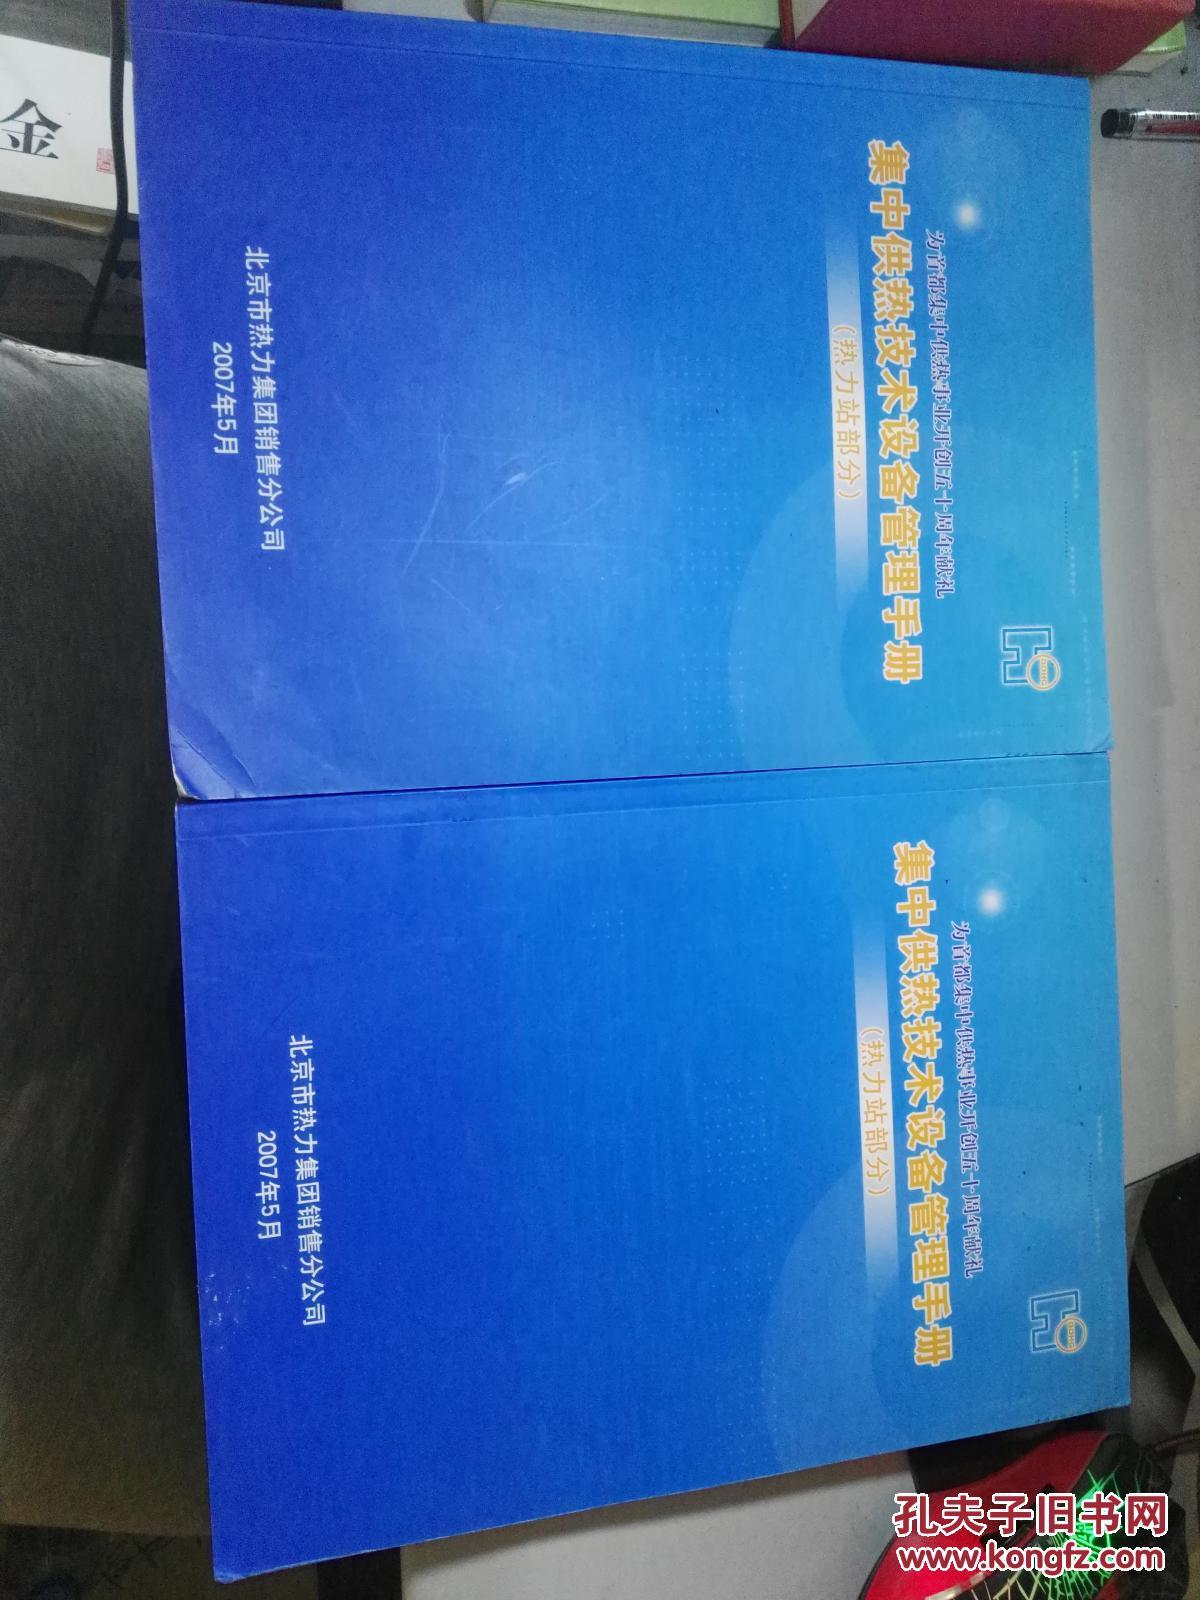 集中供热技术设备管理手册-热力站部分